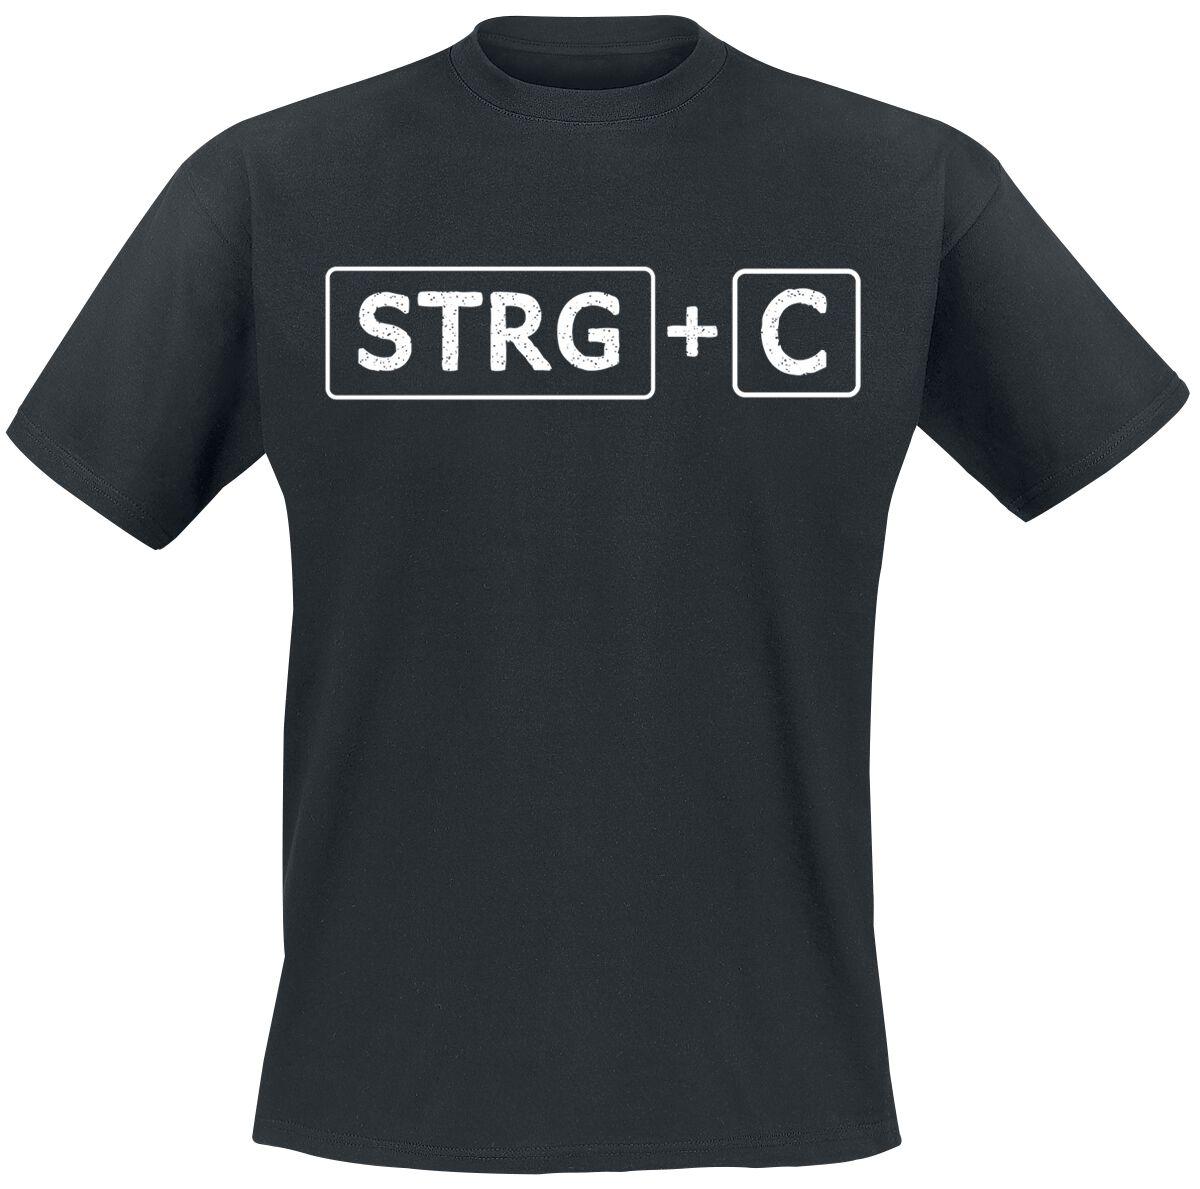 Fun Shirts - Koszulki - T-Shirt Family STRG + C T-Shirt czarny - 365097